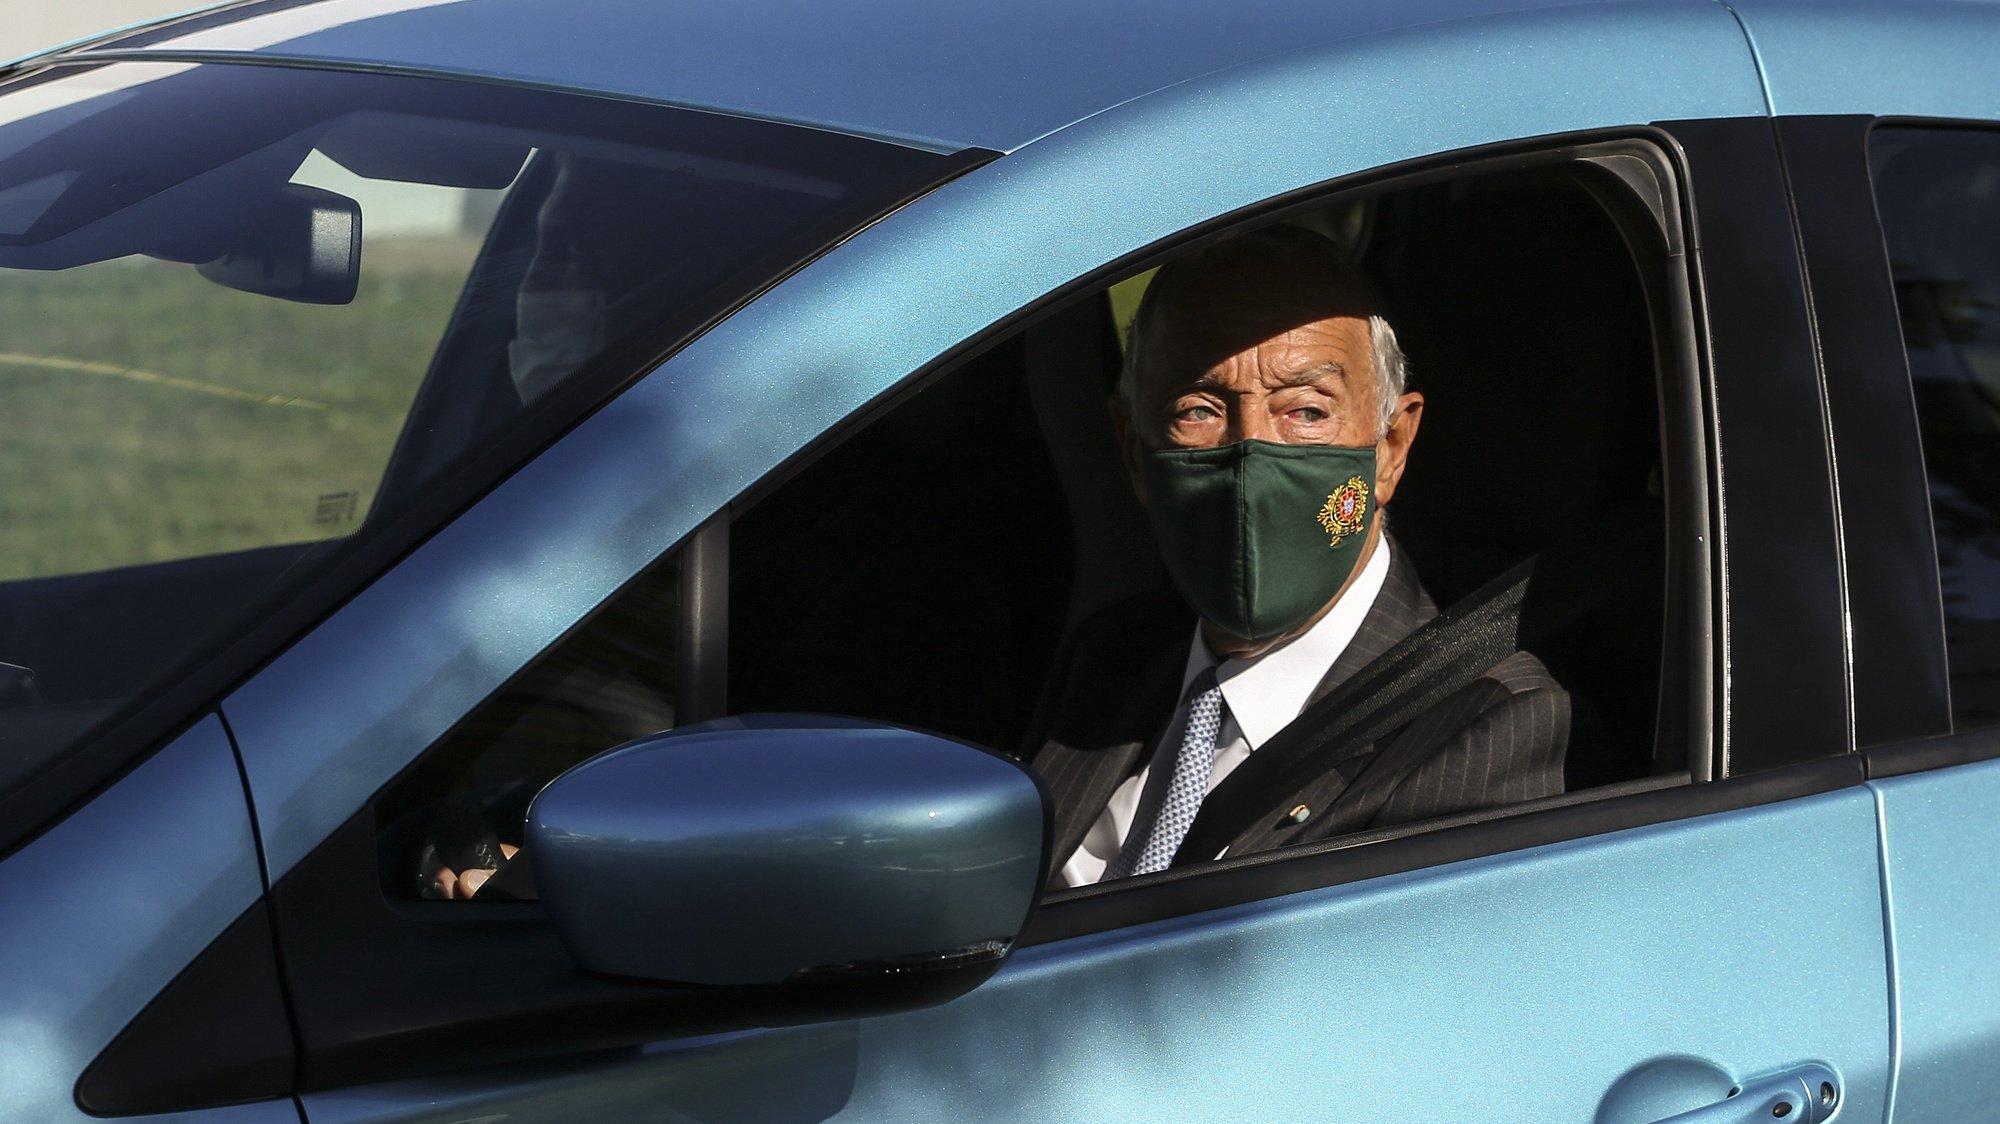 O Presidente da República, Marcelo Rebelo de Sousa, conduz um carro, durante a visita à fábrica Renault Cacia, por ocasião do 40.º aniversário, em Cacia, Aveiro, 27 de outubro de 2021. JOSÉ COELHO/LUSA